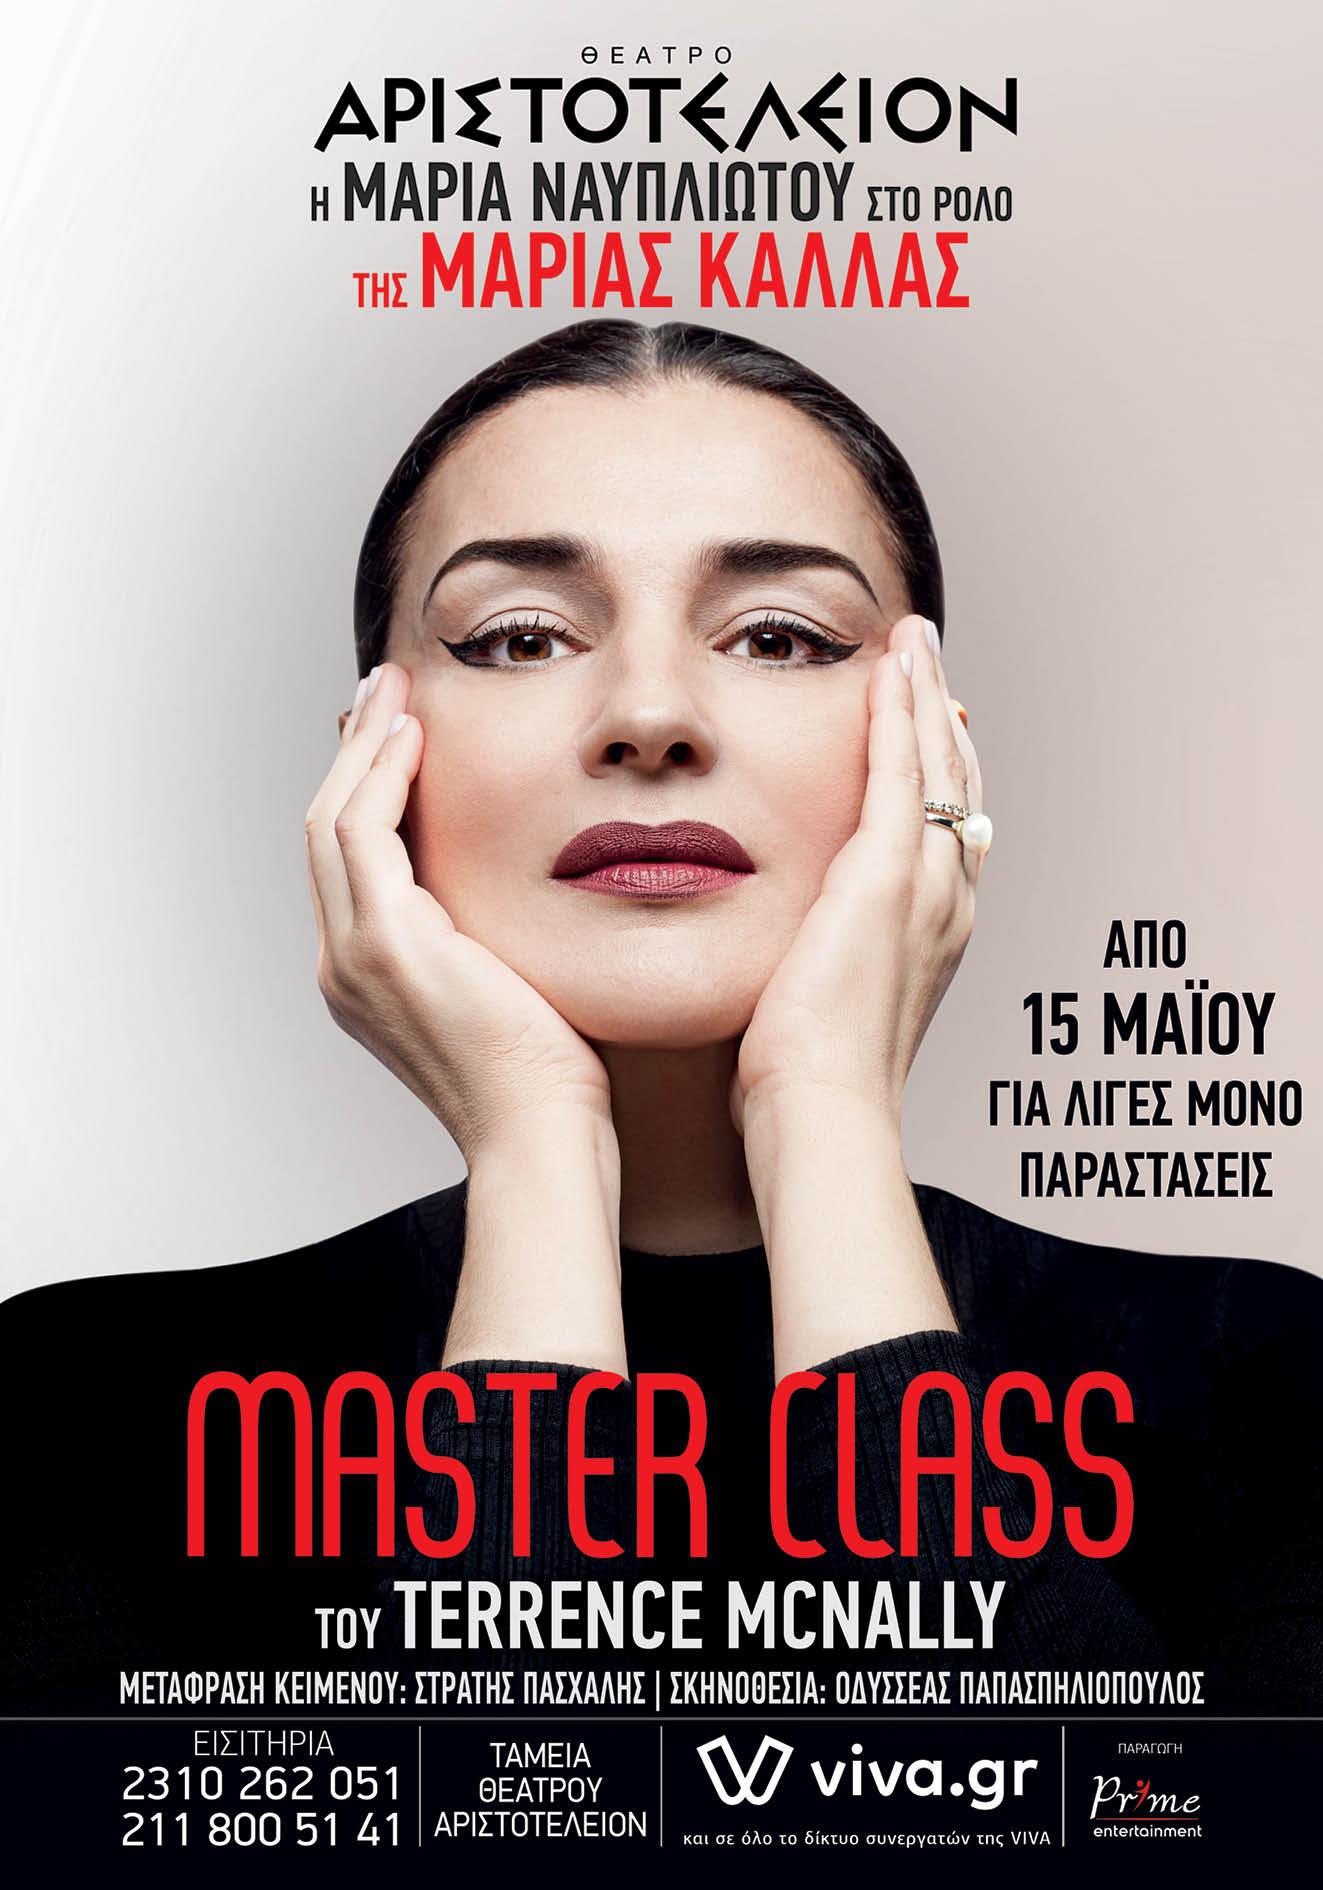 «Μaster Class» του Terrence McNally στο Θέατρο Αριστοτέλειον